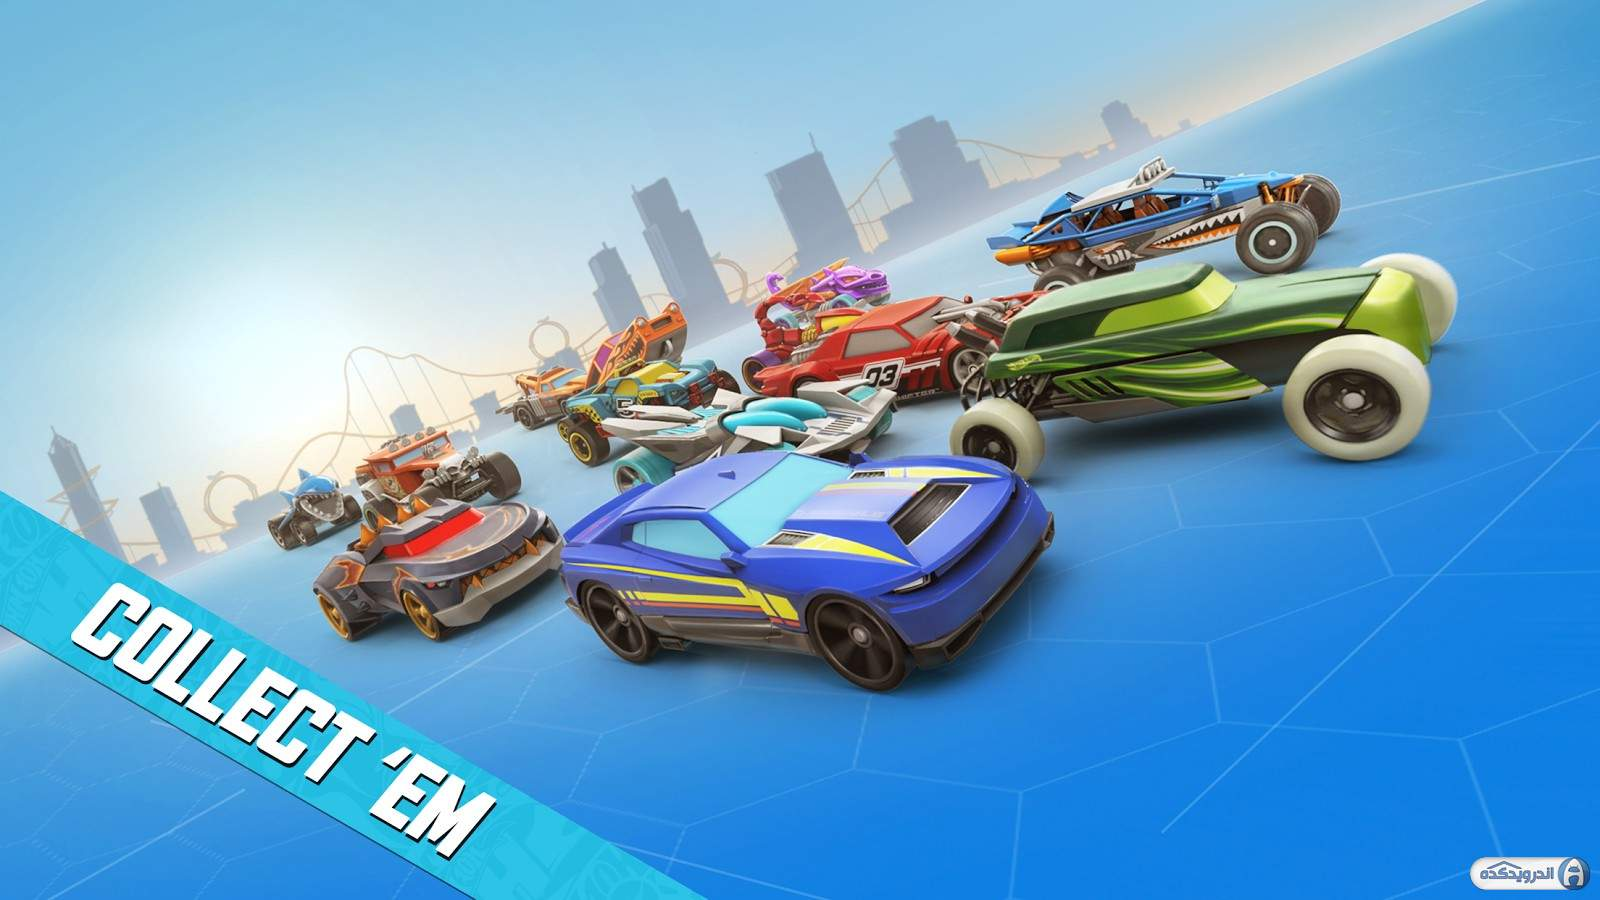 دانلود Hot Wheels: Race Off v11.0.12232 بازی چرخ های داغ برای اندروید